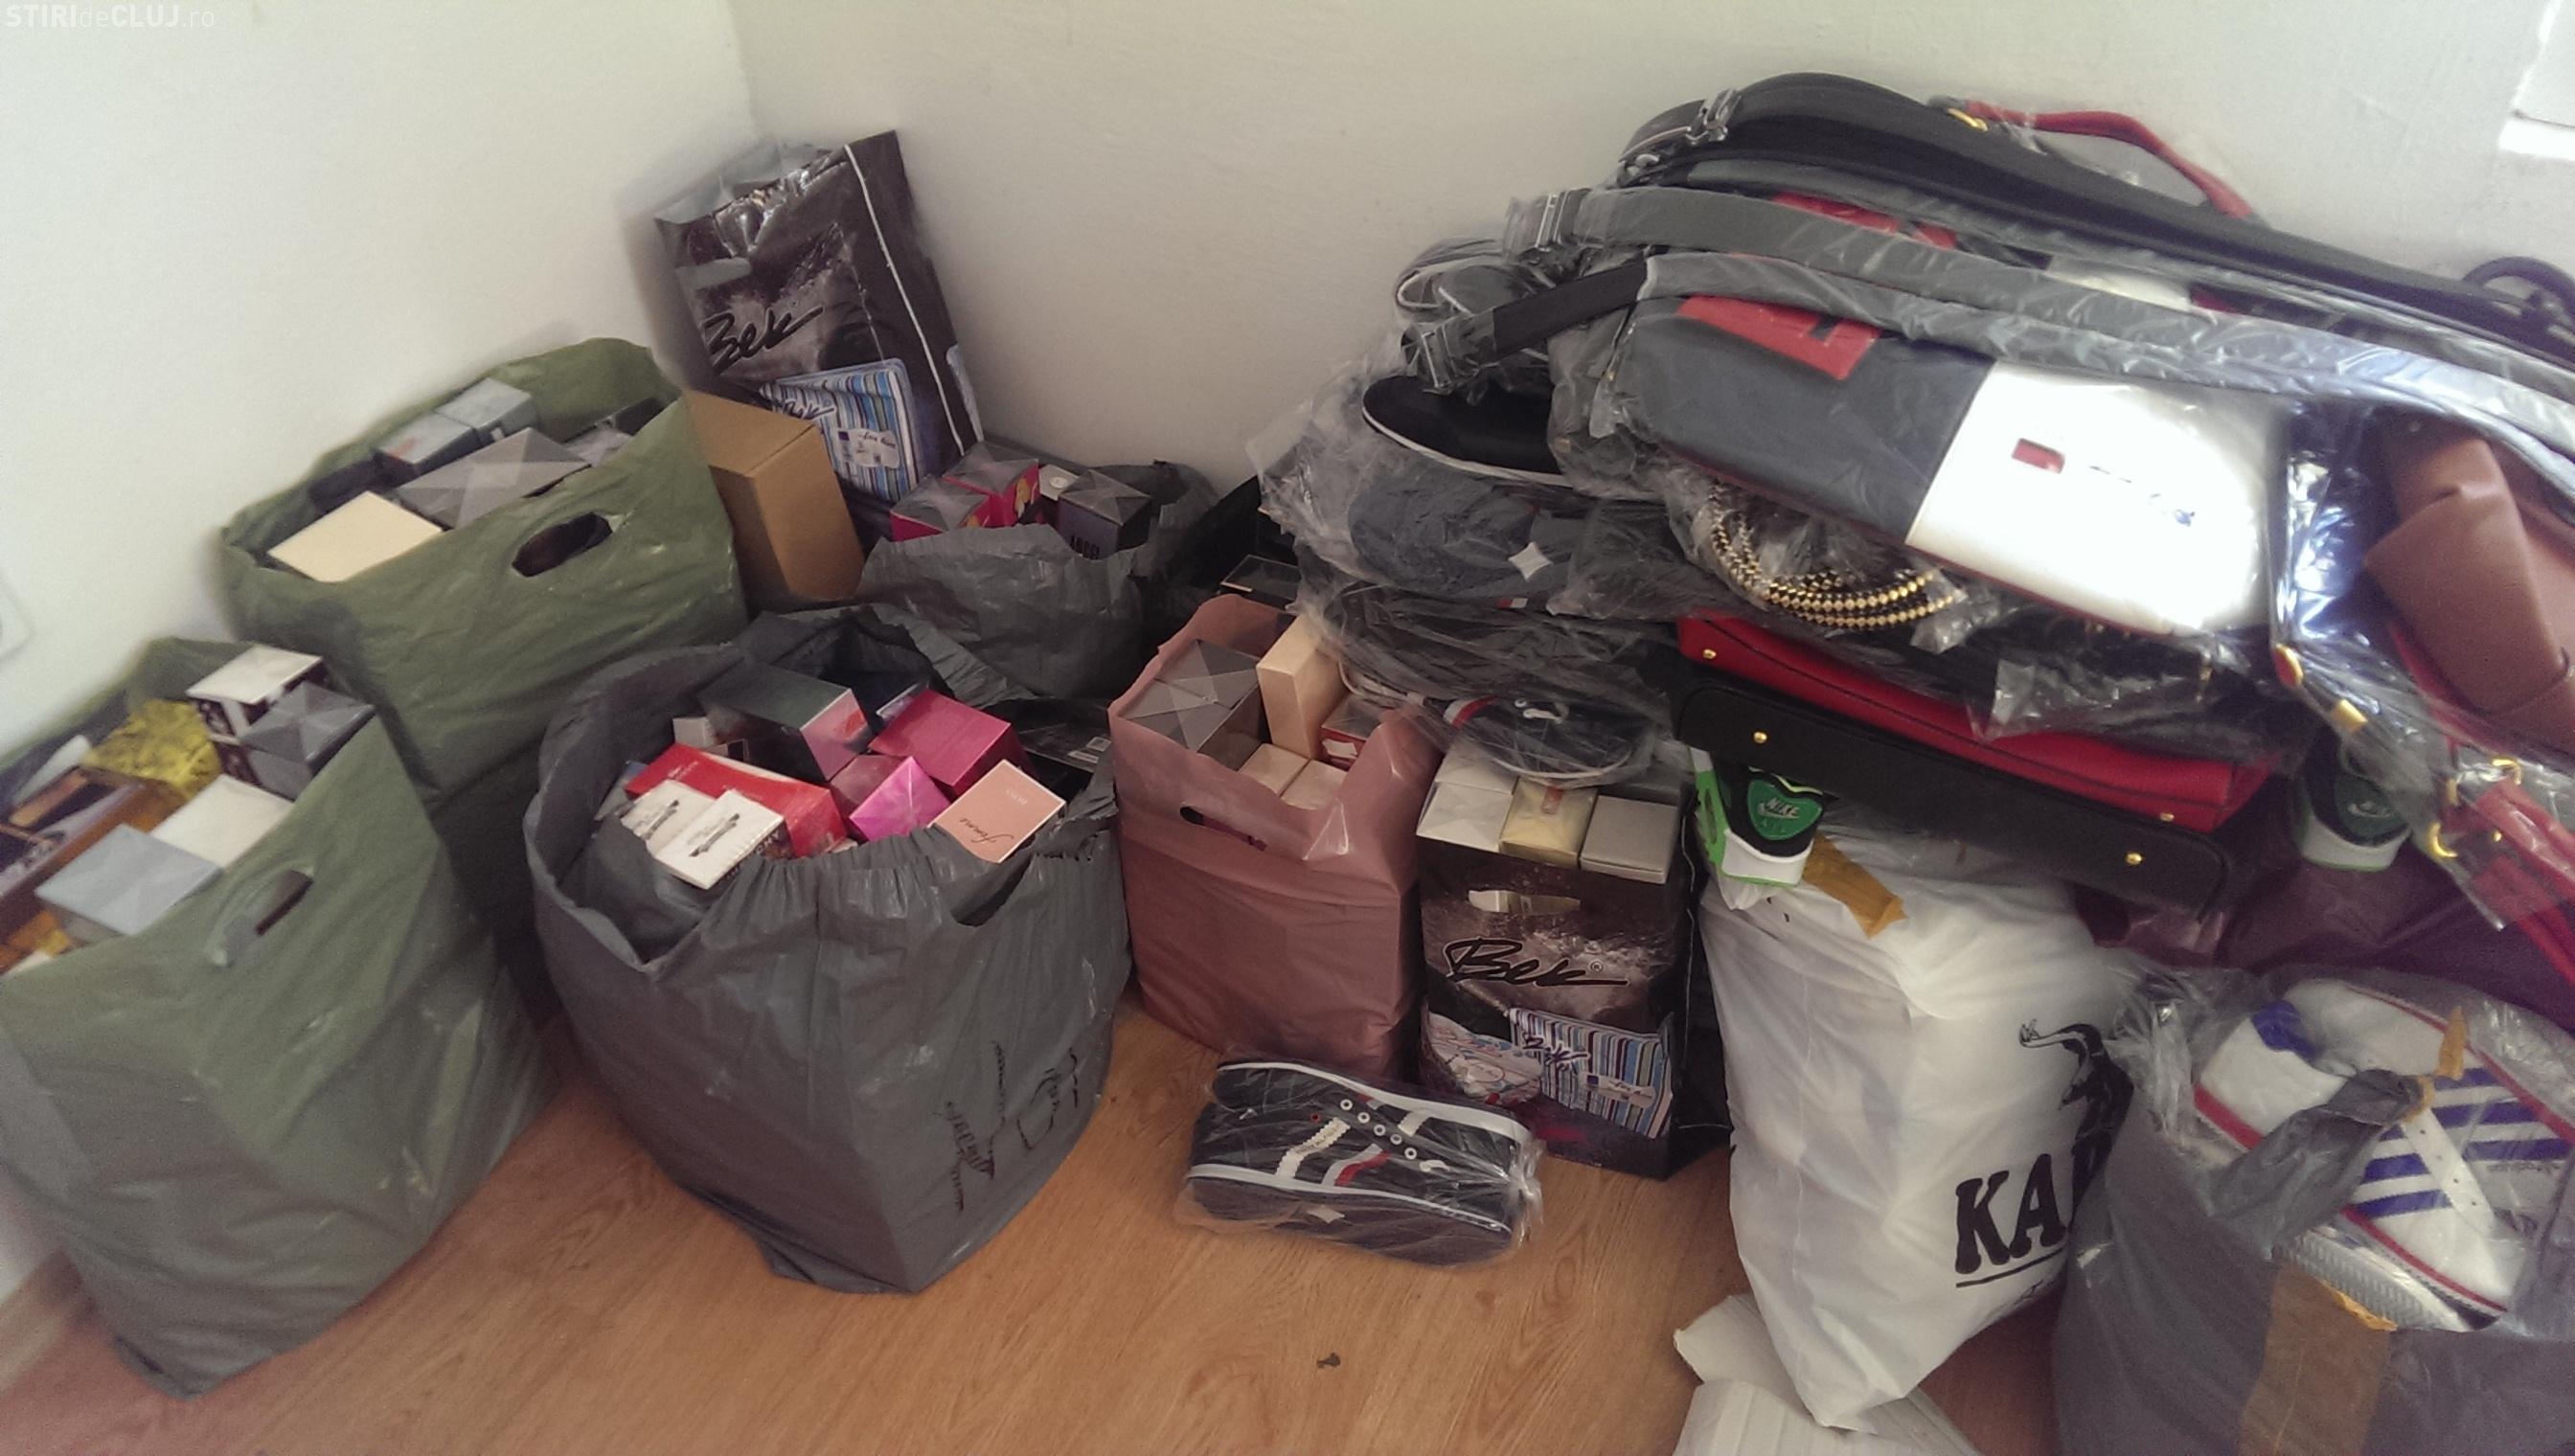 Haine si parfumuri turcești de aproape 90.000 lei confiscate la Florești FOTO